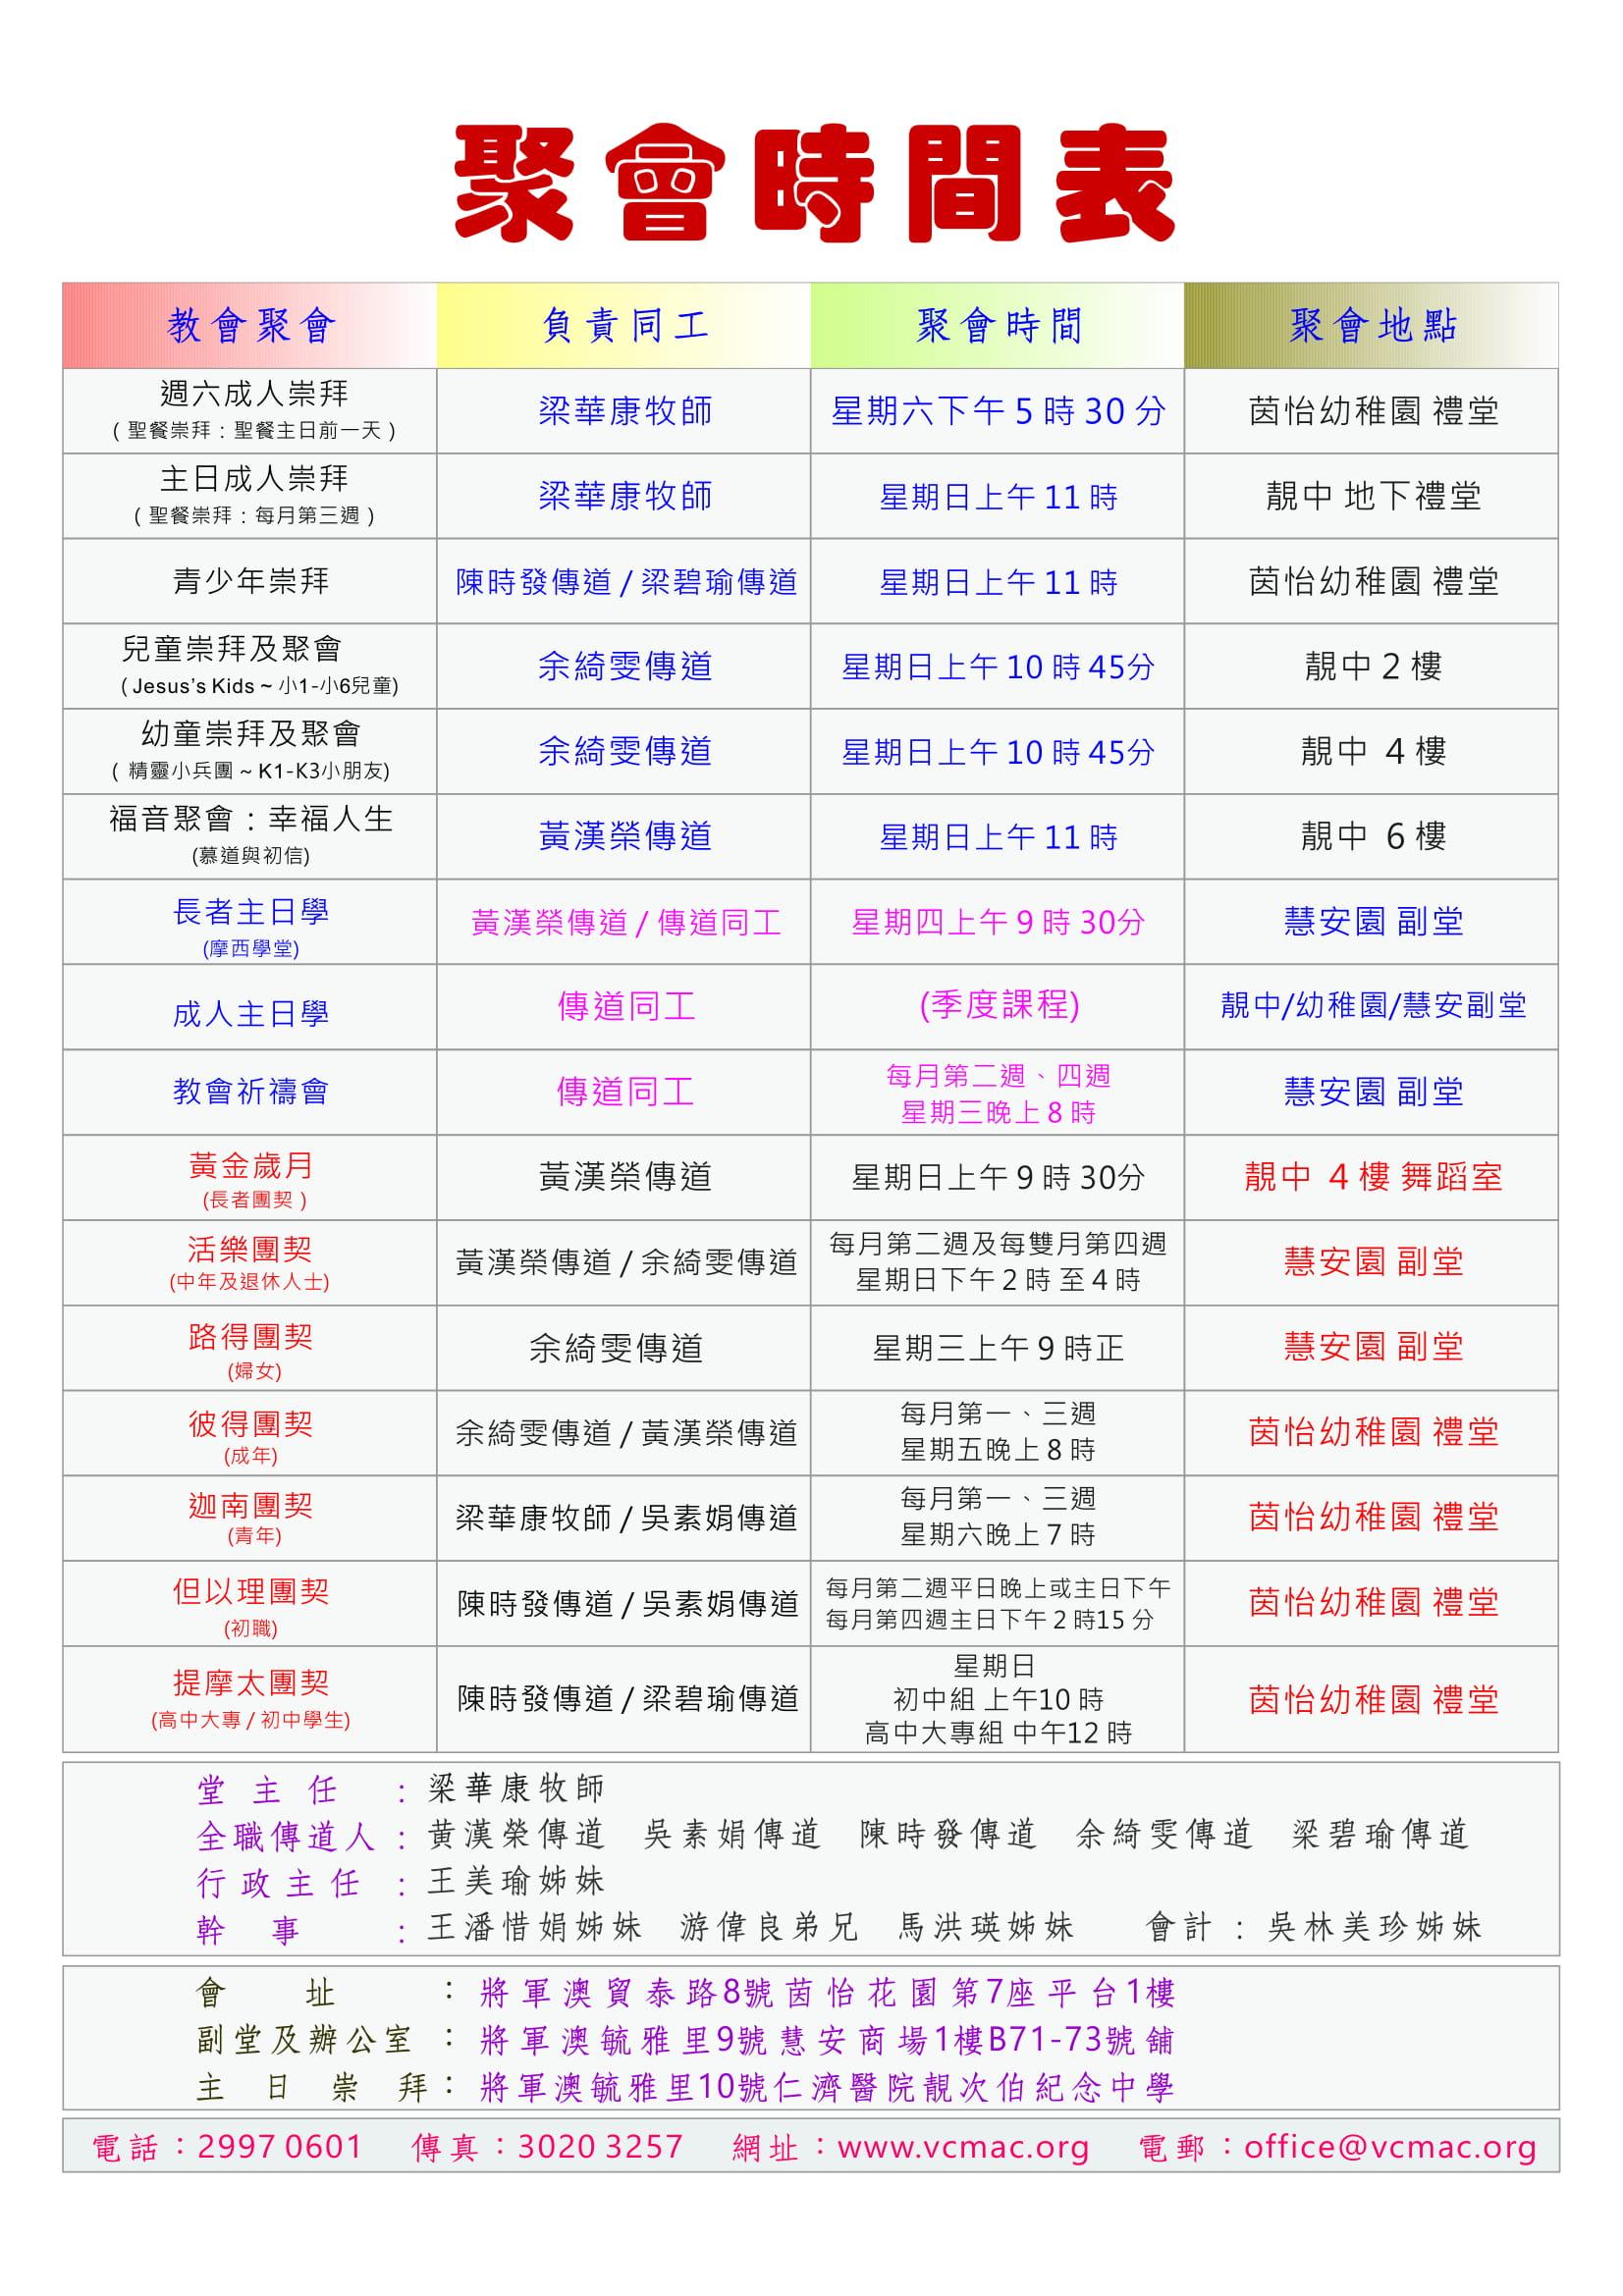 2019茵怡堂聚會時間表_Q4